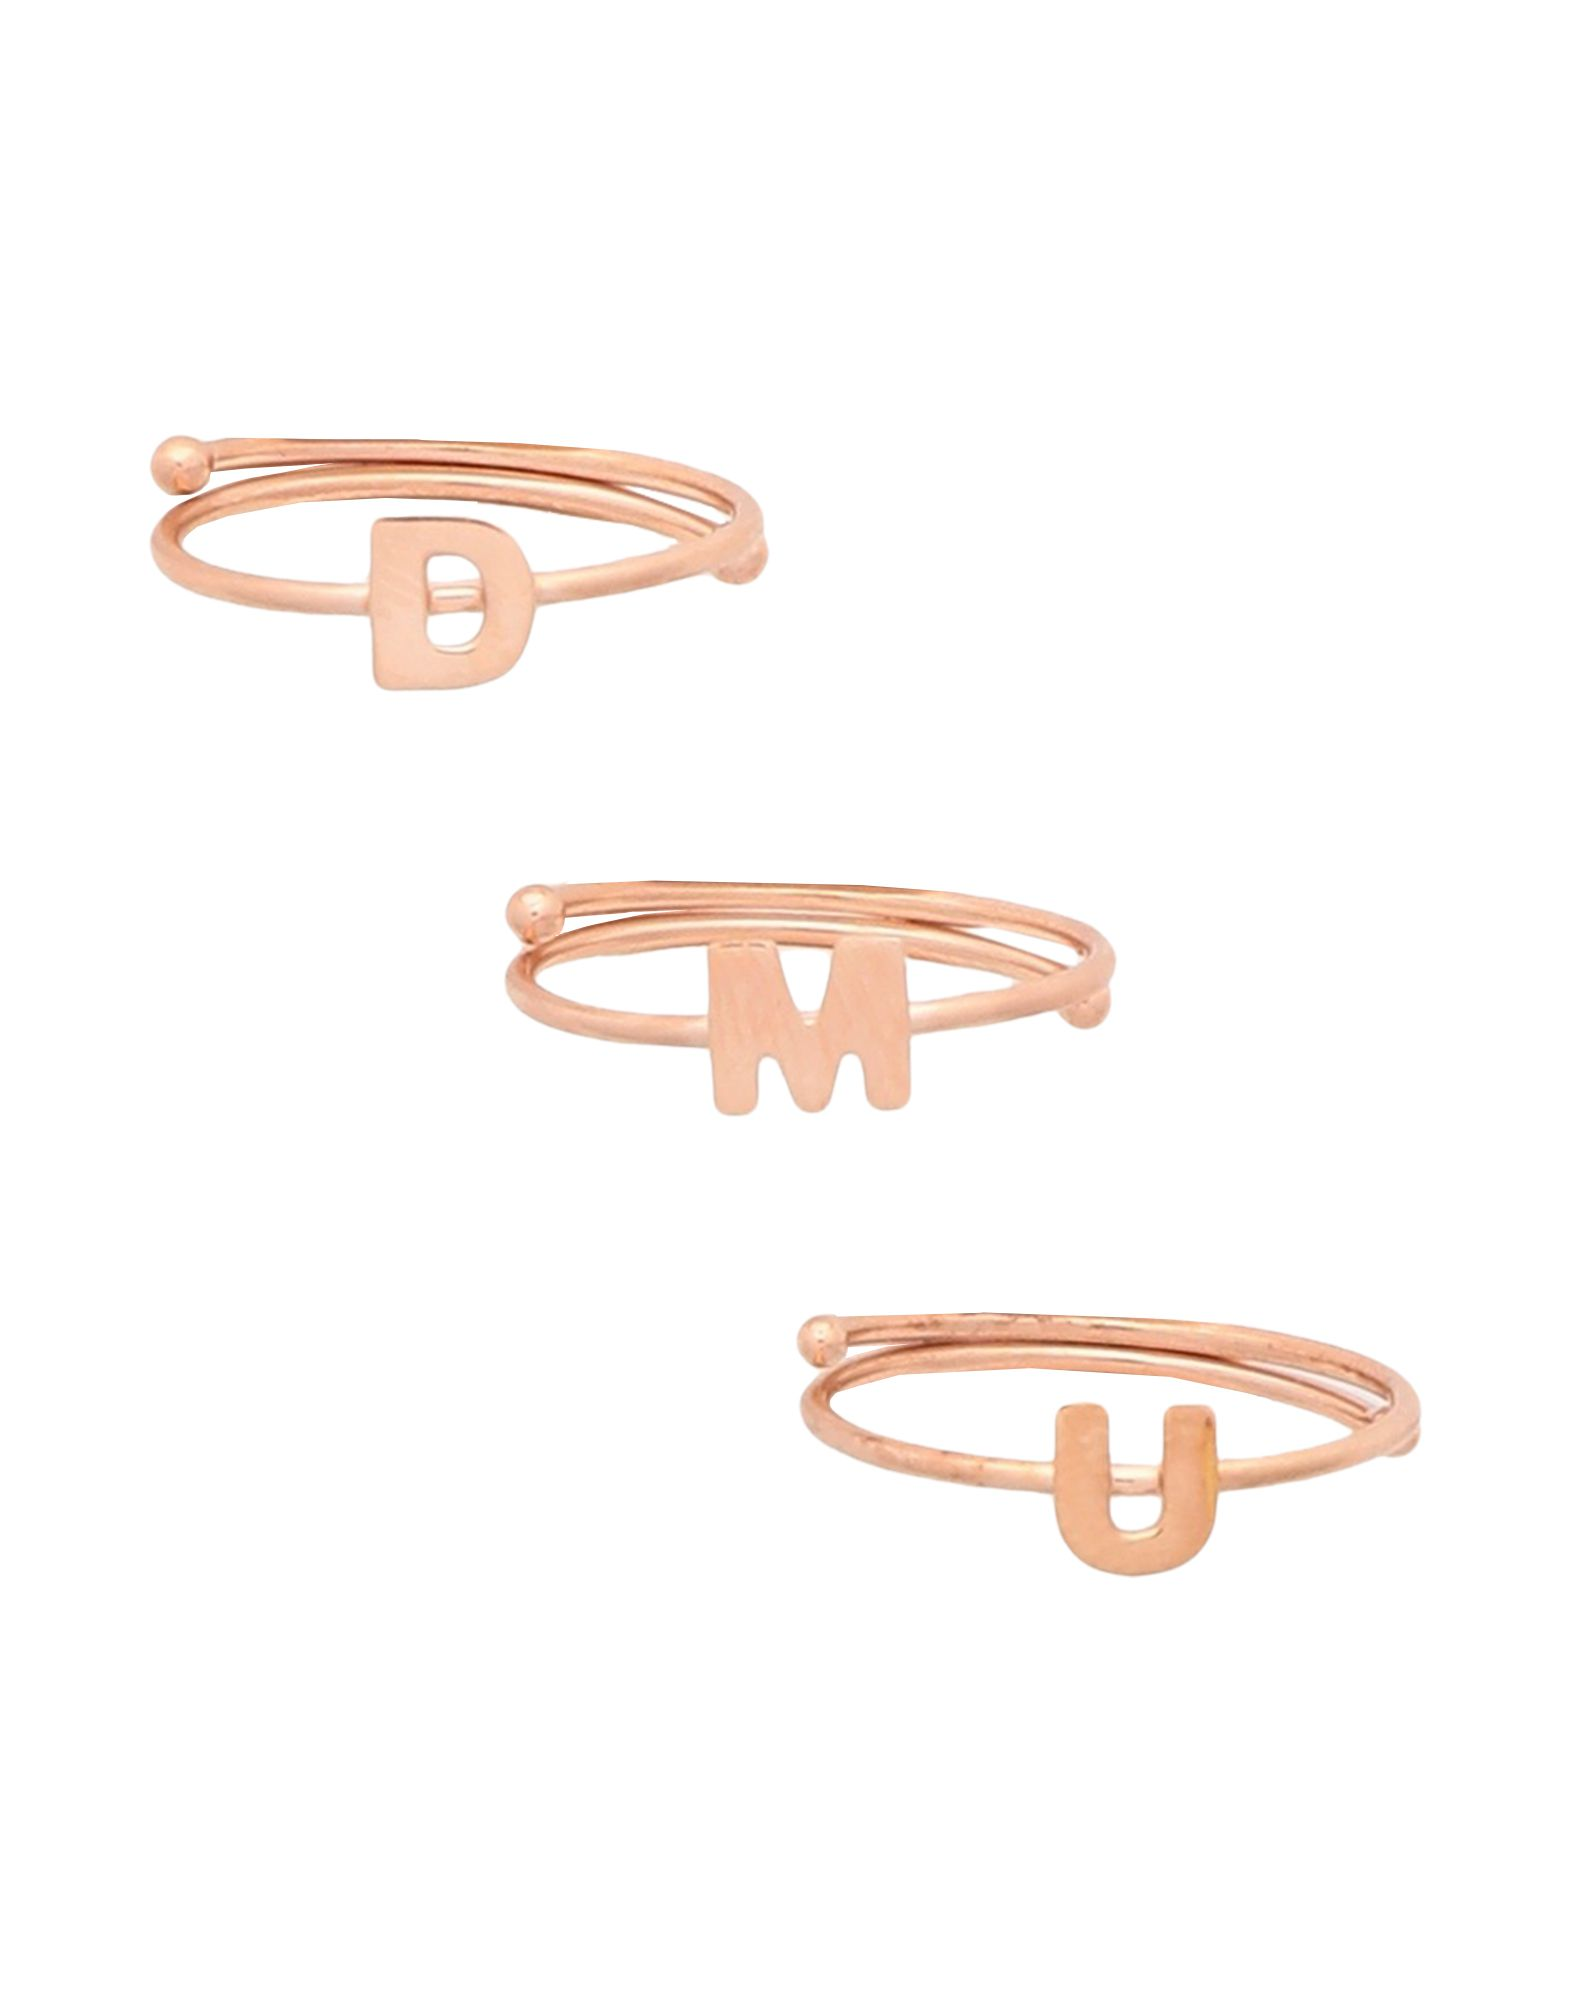 《セール開催中》MAMAN ET SOPHIE レディース 指輪 カッパー A シルバー925/1000 ALPHABET RING